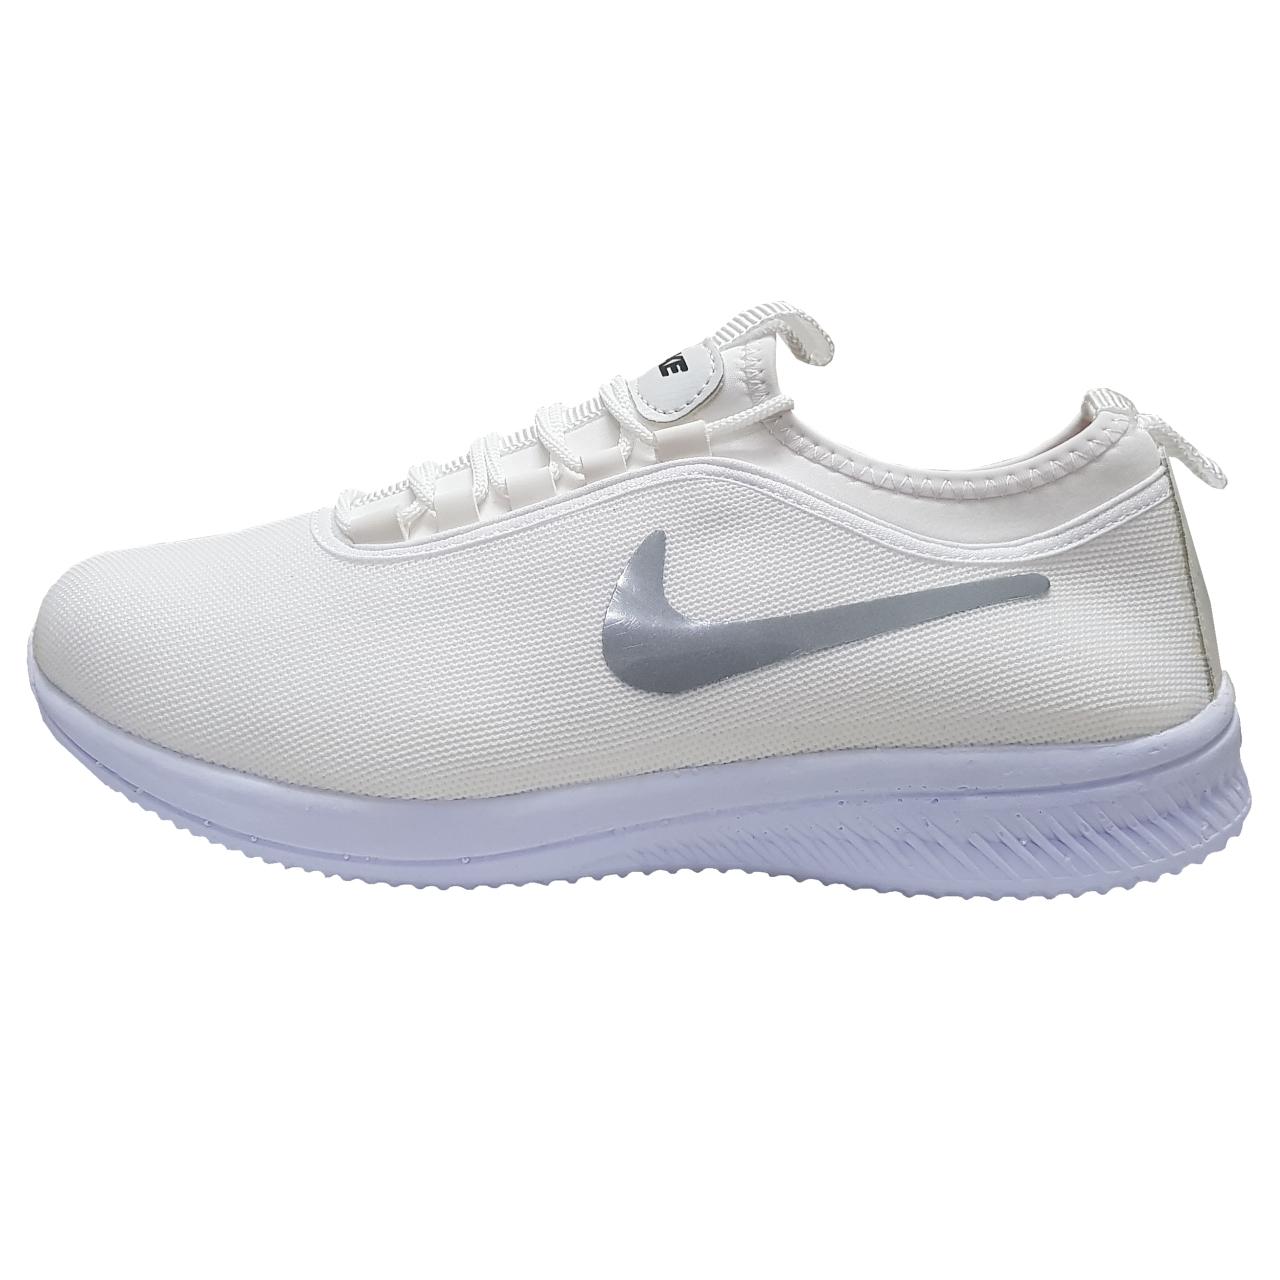 کفش مخصوص پیاده روی مردانه مدل زامورا کد 5021